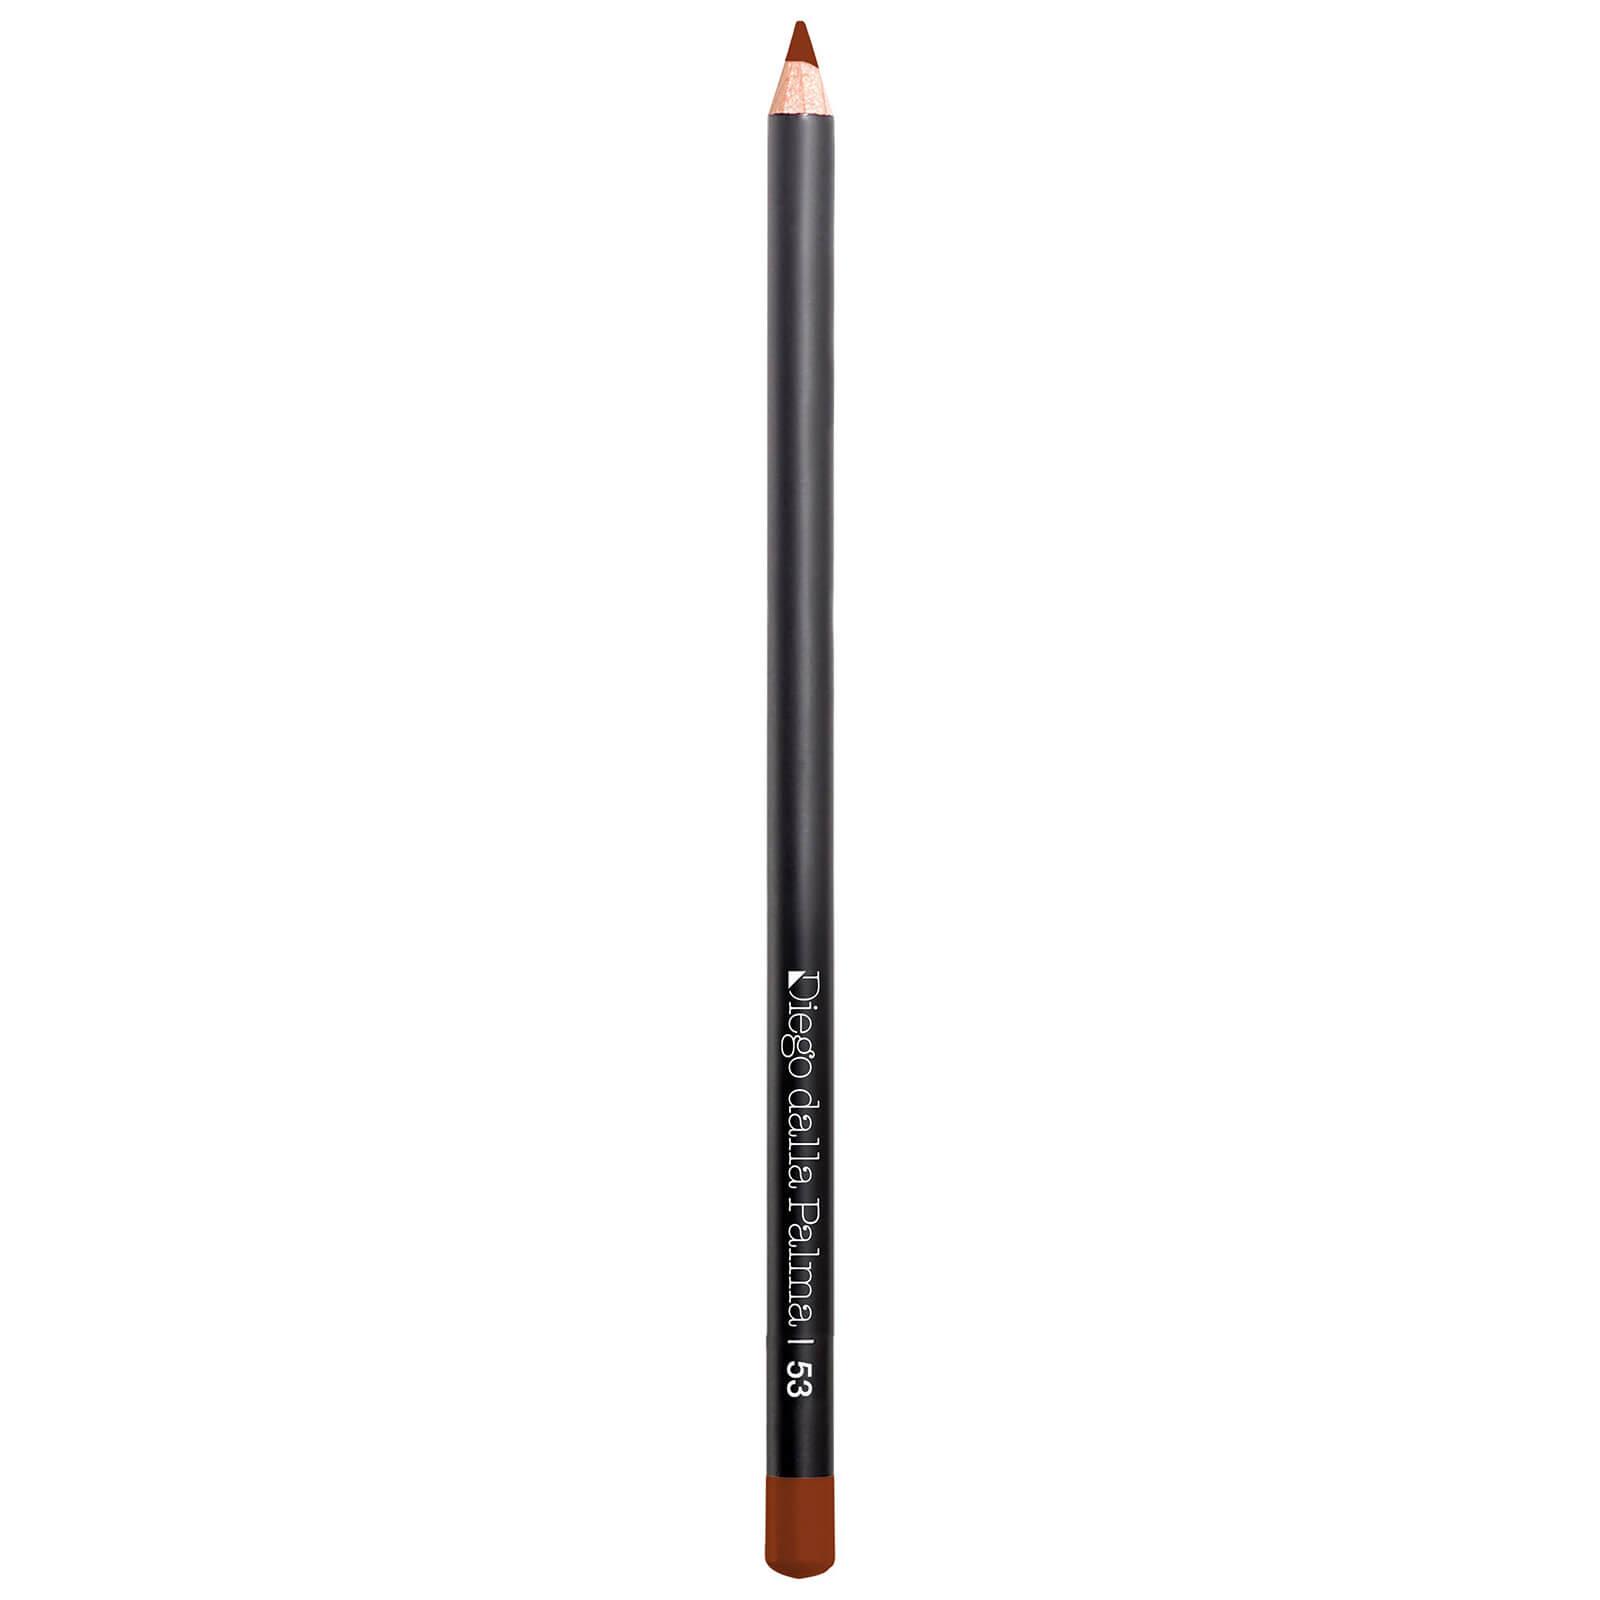 Купить Контурный карандаш для губ diego dalla palma Lip Pencil 1, 5 г (различные оттенки) - Brown